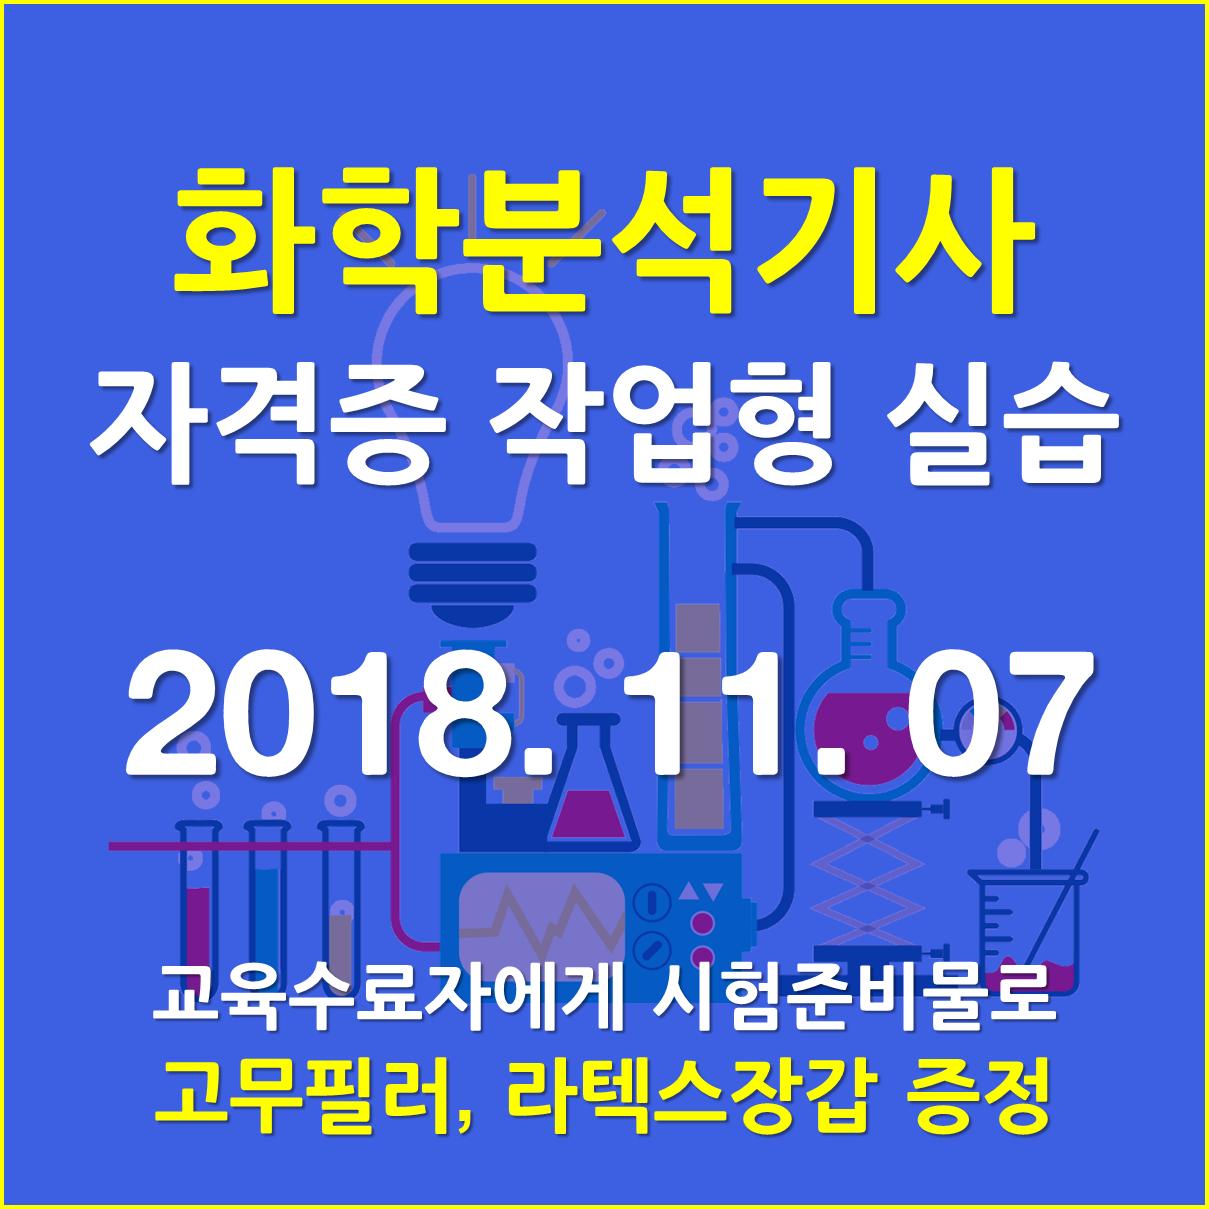 2018년 11월 07일 수요일_화학분석기사.png